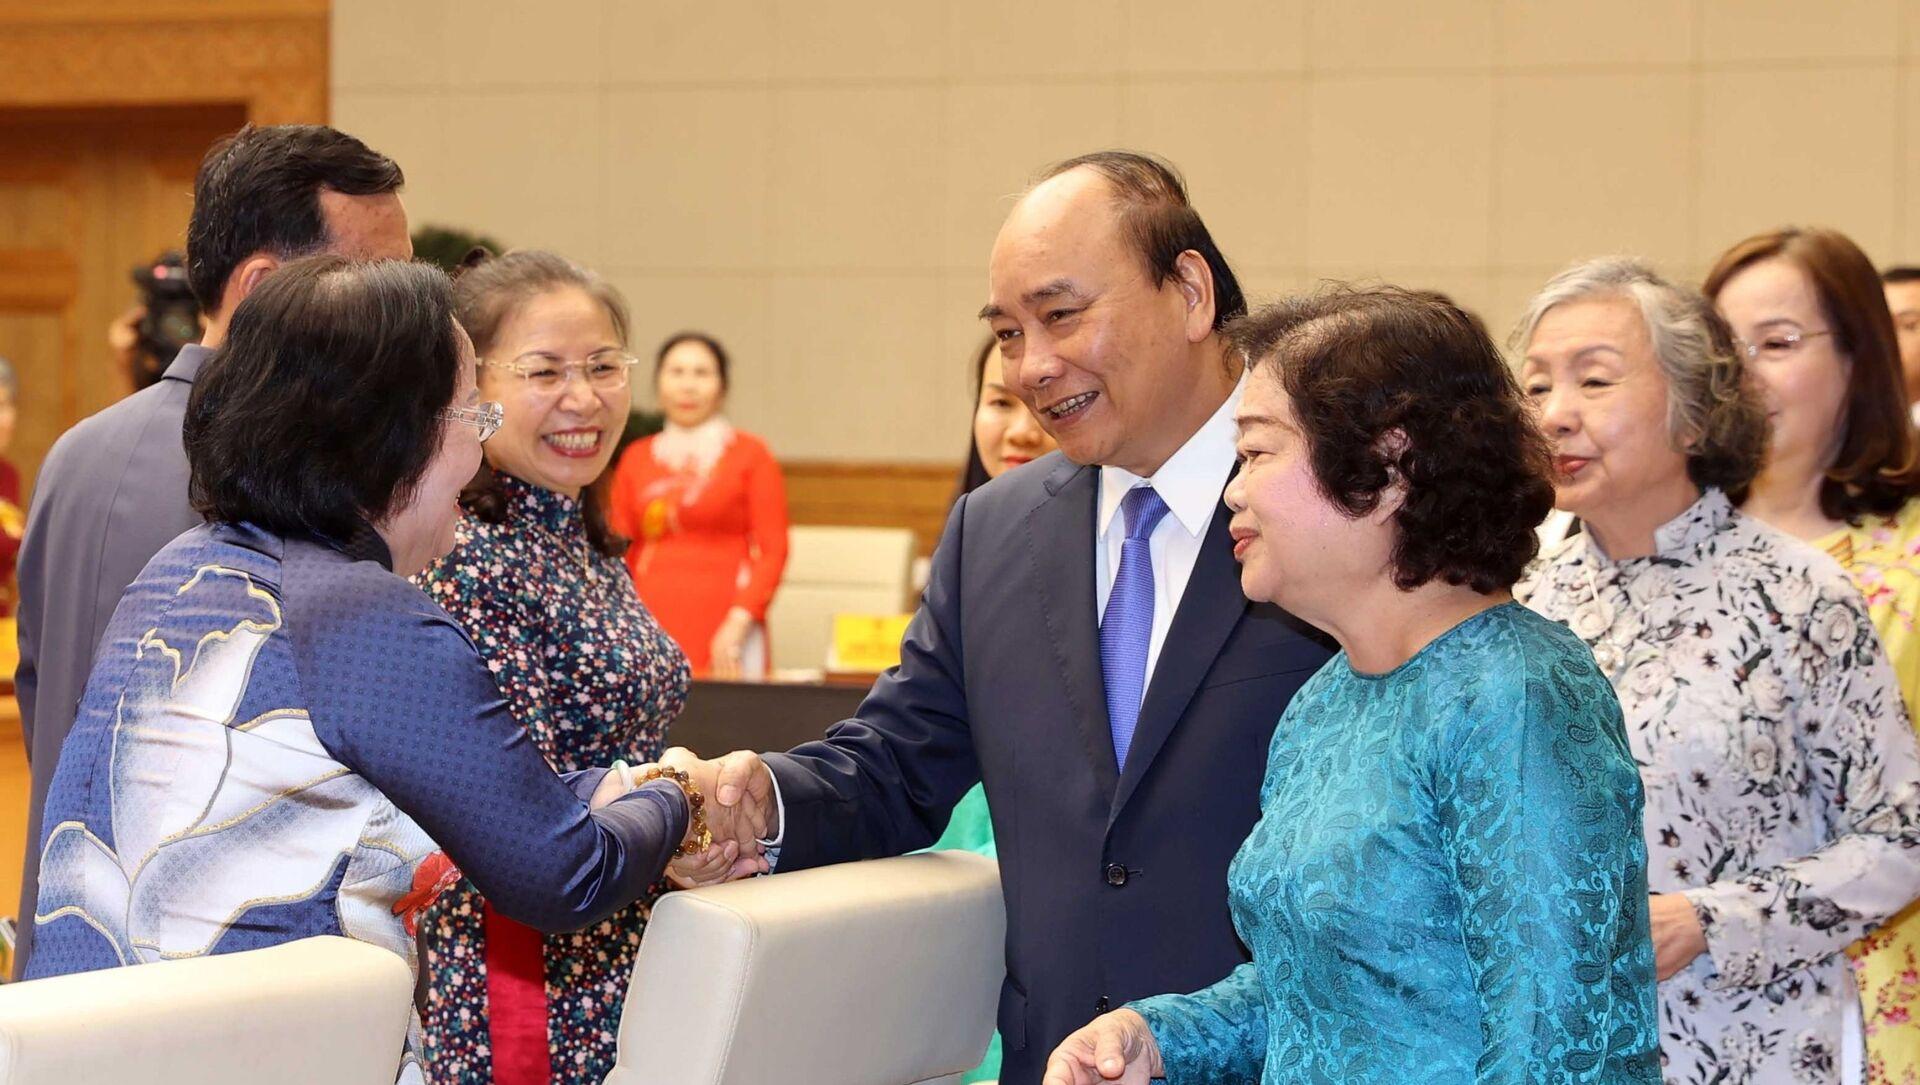 Thủ tướng Nguyễn Xuân Phúc gặp mặt các đại biểu, nhà hảo tâm đồng hành cùng Quỹ học bổng Vừ A Dính - Sputnik Việt Nam, 1920, 15.03.2021